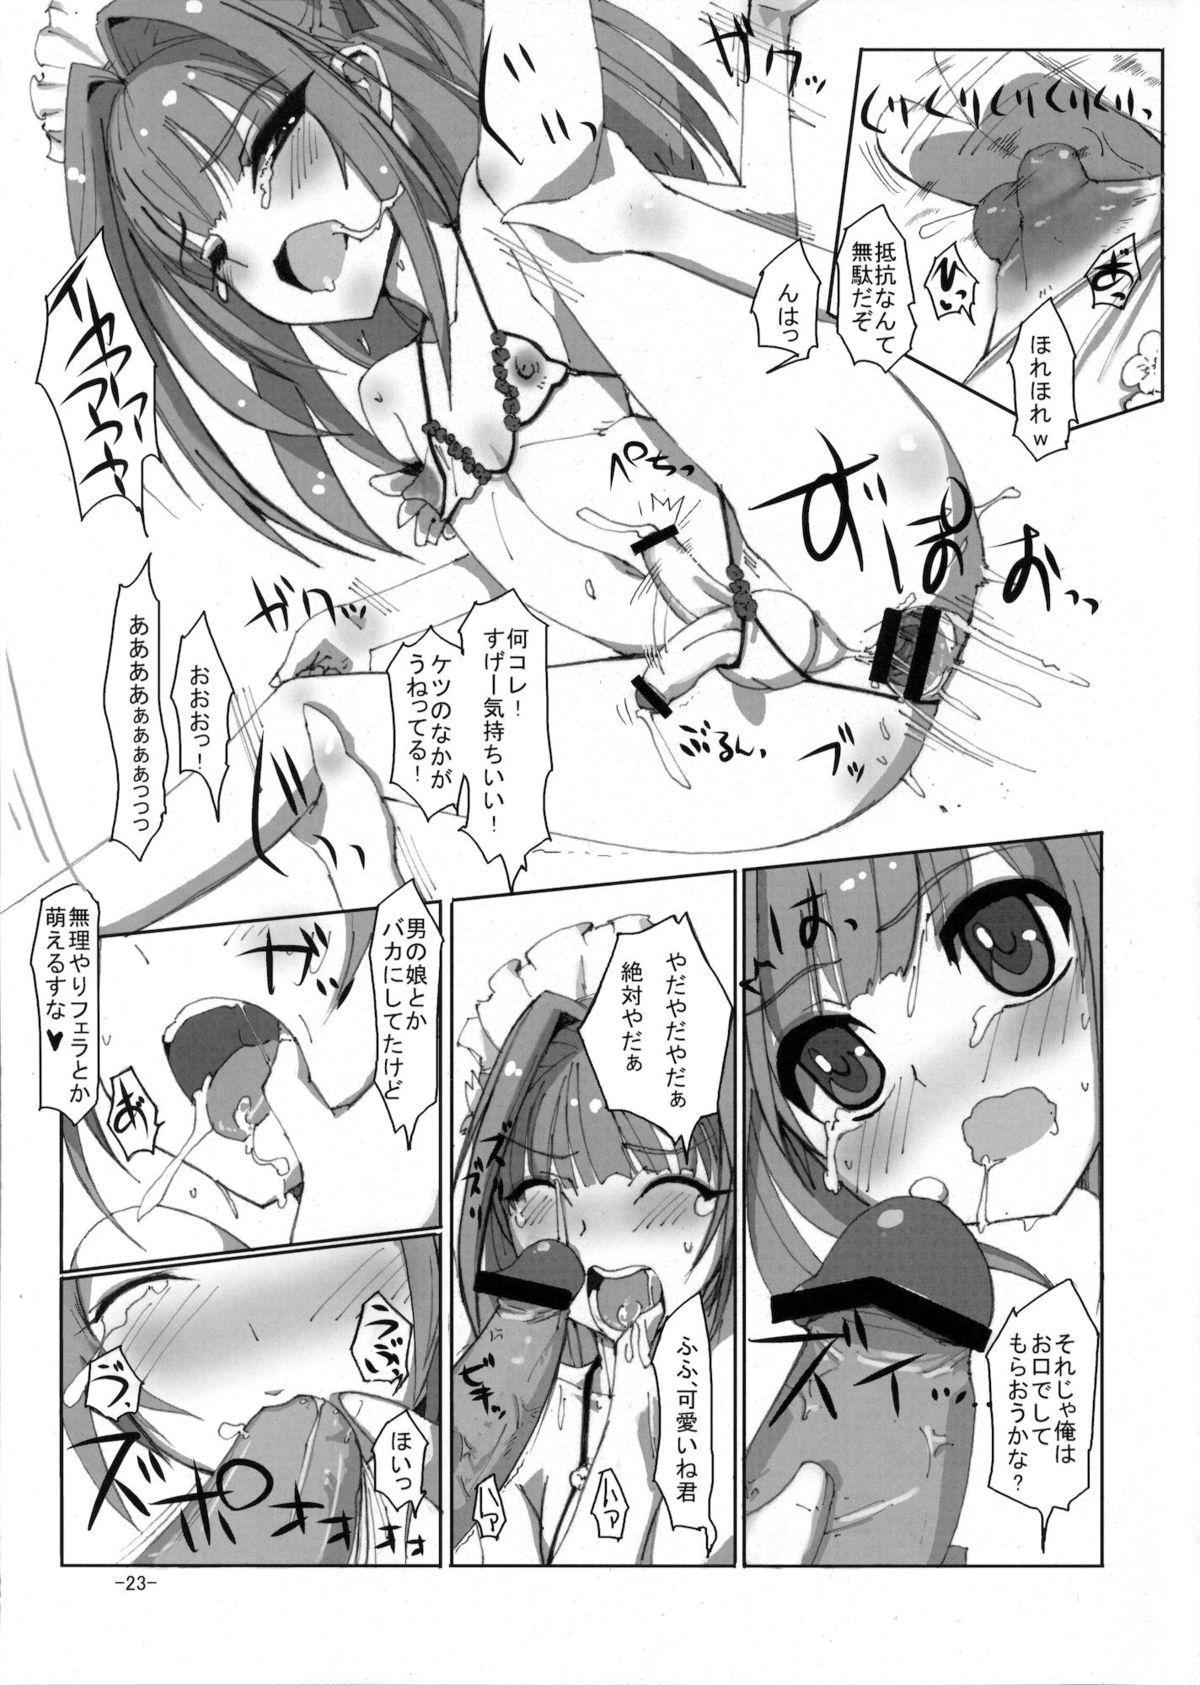 Sakurairo Shounen Sabou 5 21